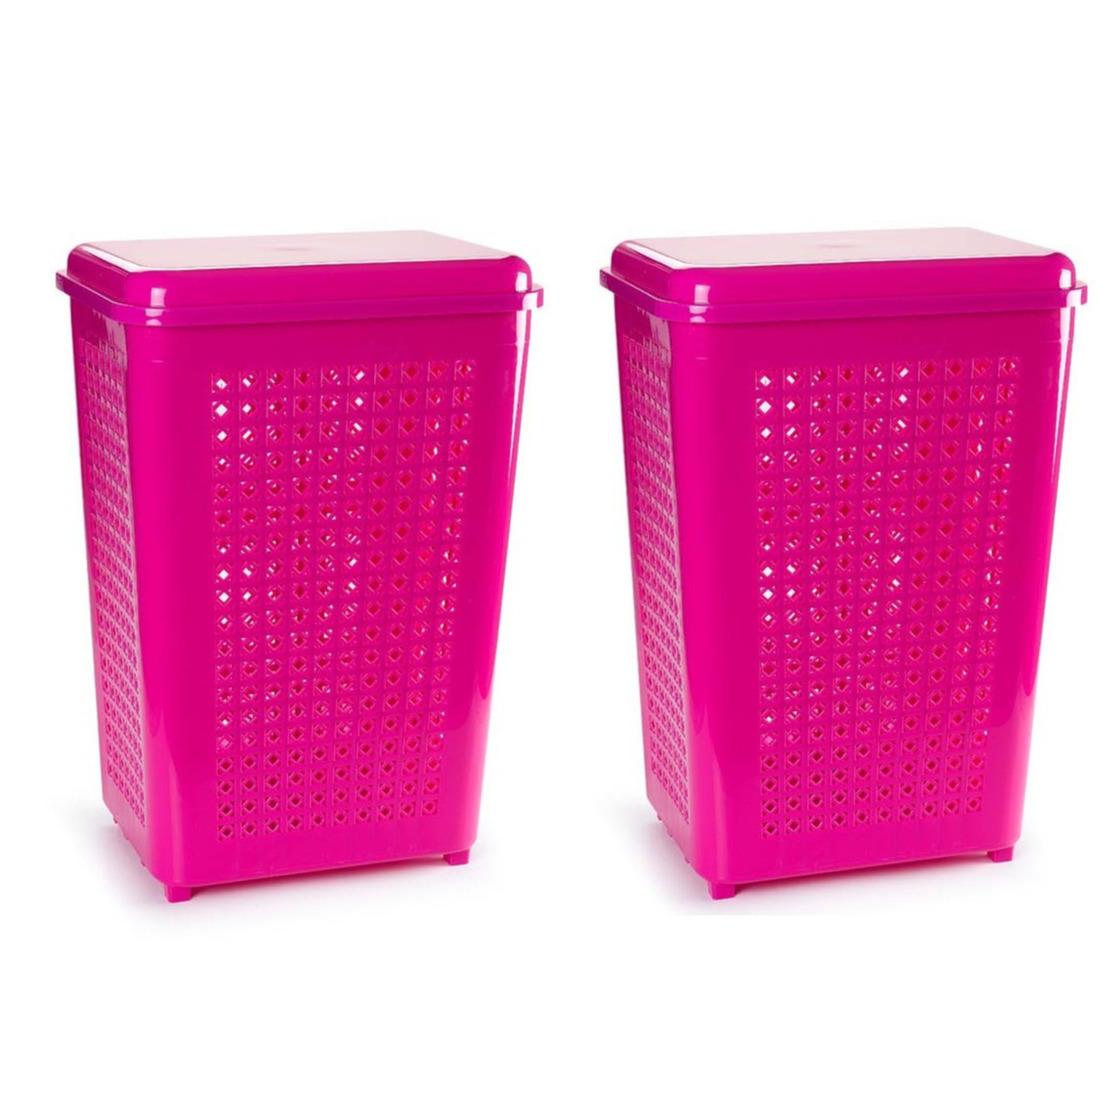 2x stuks grote wasmand opberg mand met deksel 50 liter in het fuchsia roze